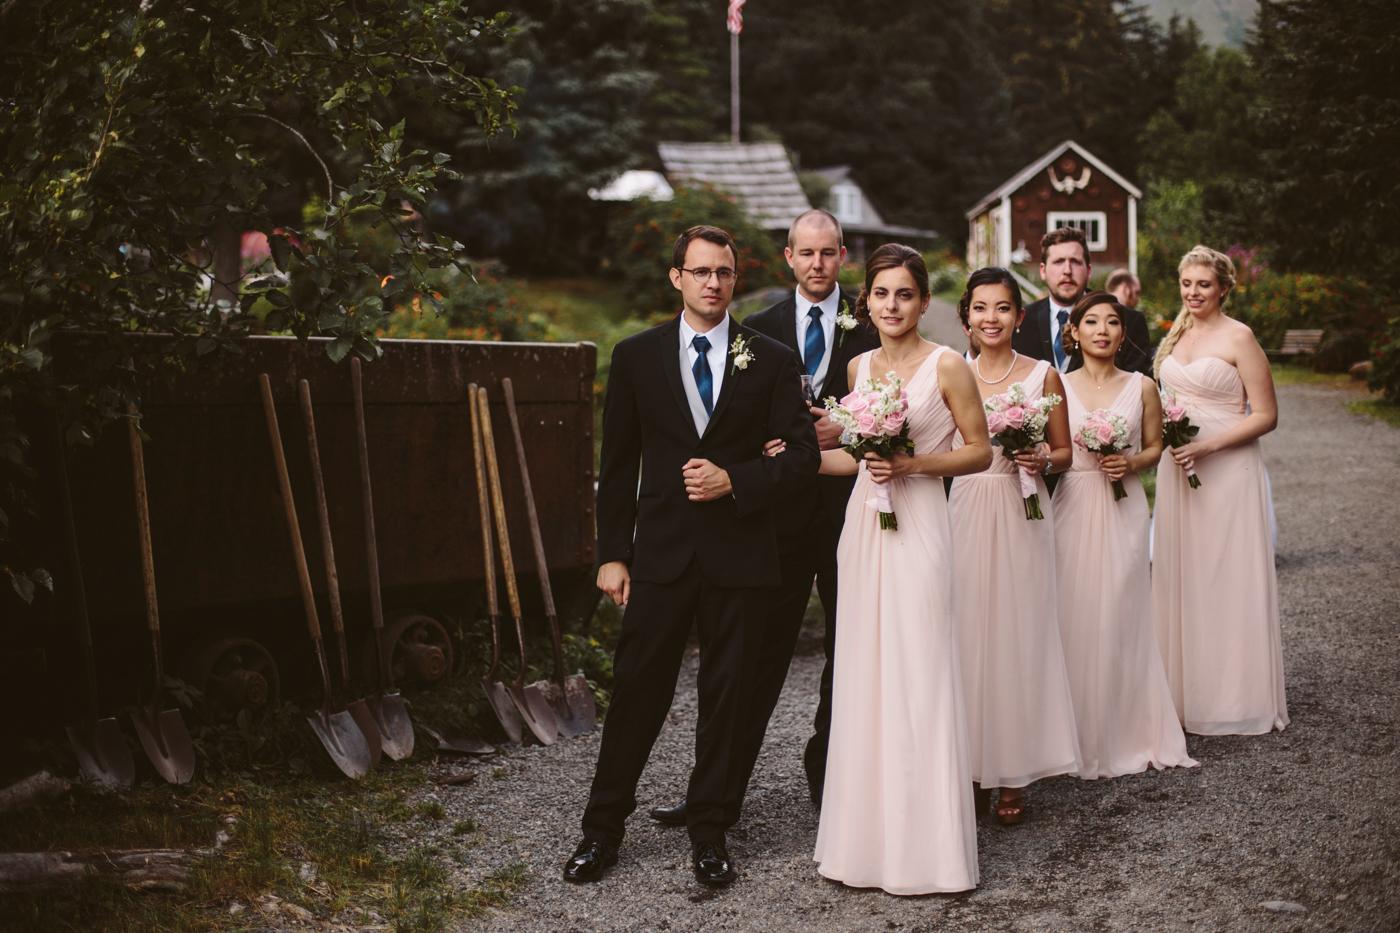 Alaskan Wedding Photos